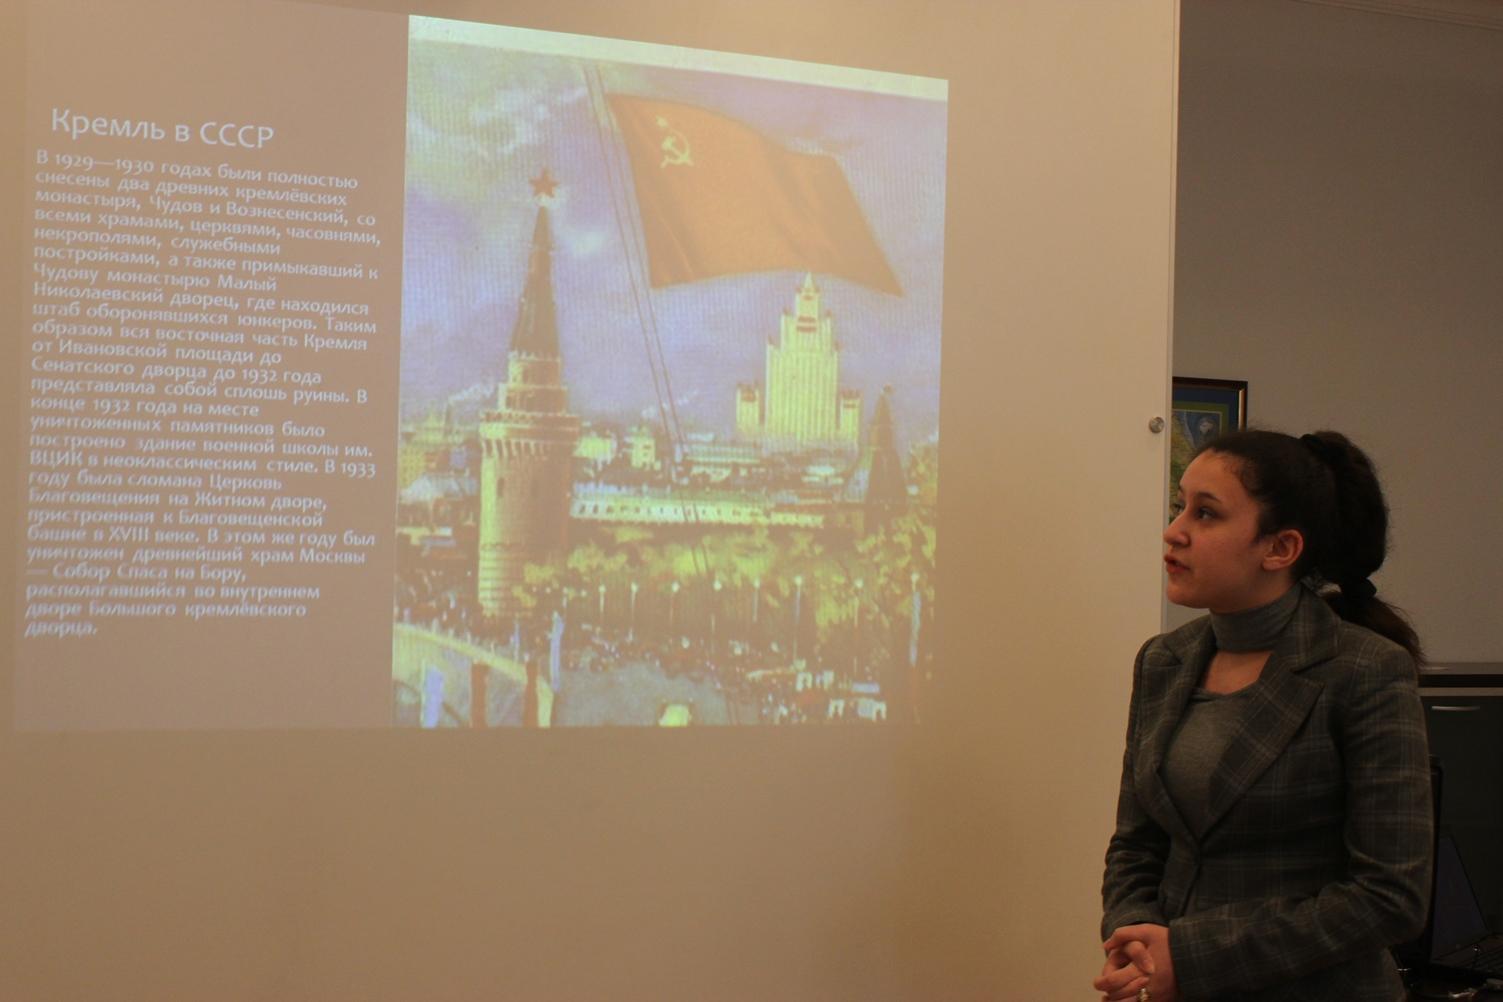 В Баку отметили юбилей Московского Кремля (ФОТО) - Gallery Image